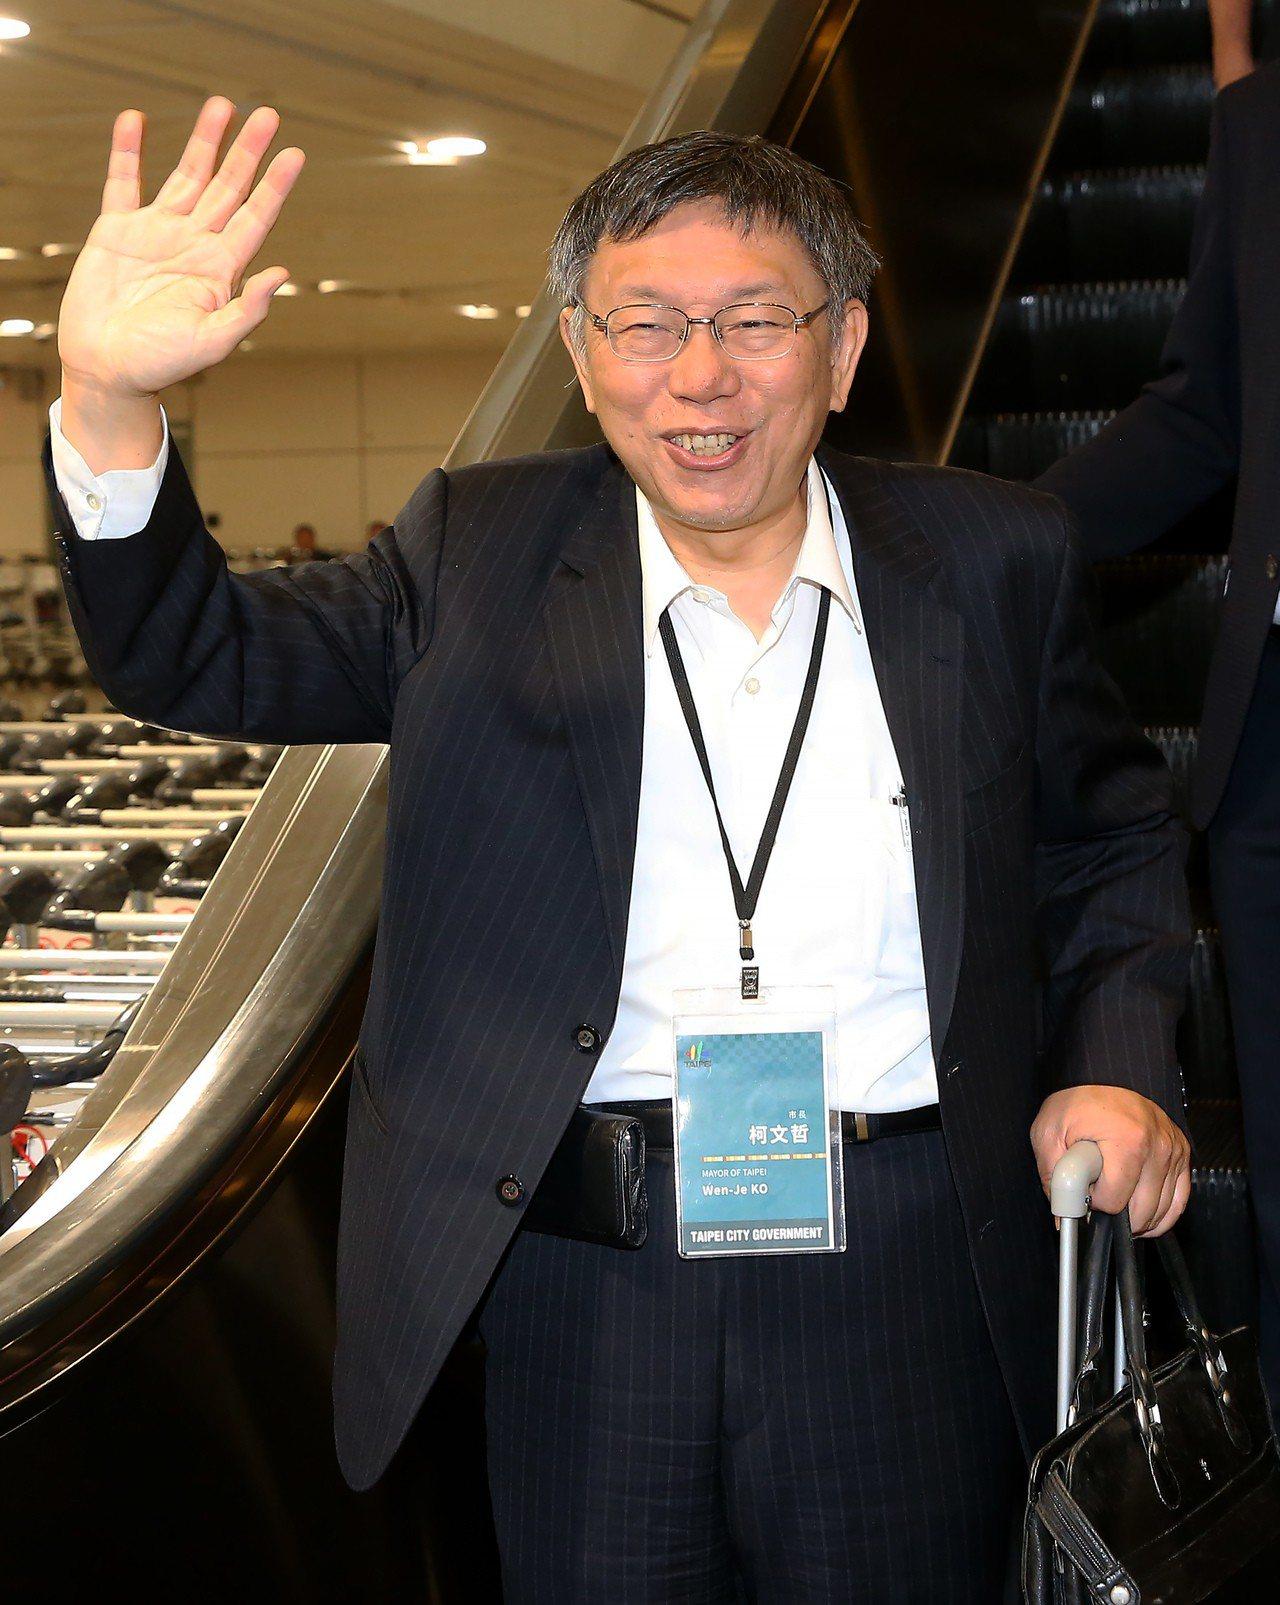 台北市長柯文哲(如圖)率團前往日本訪問,結束行程後26日深夜搭乘長榮航空公司班機...